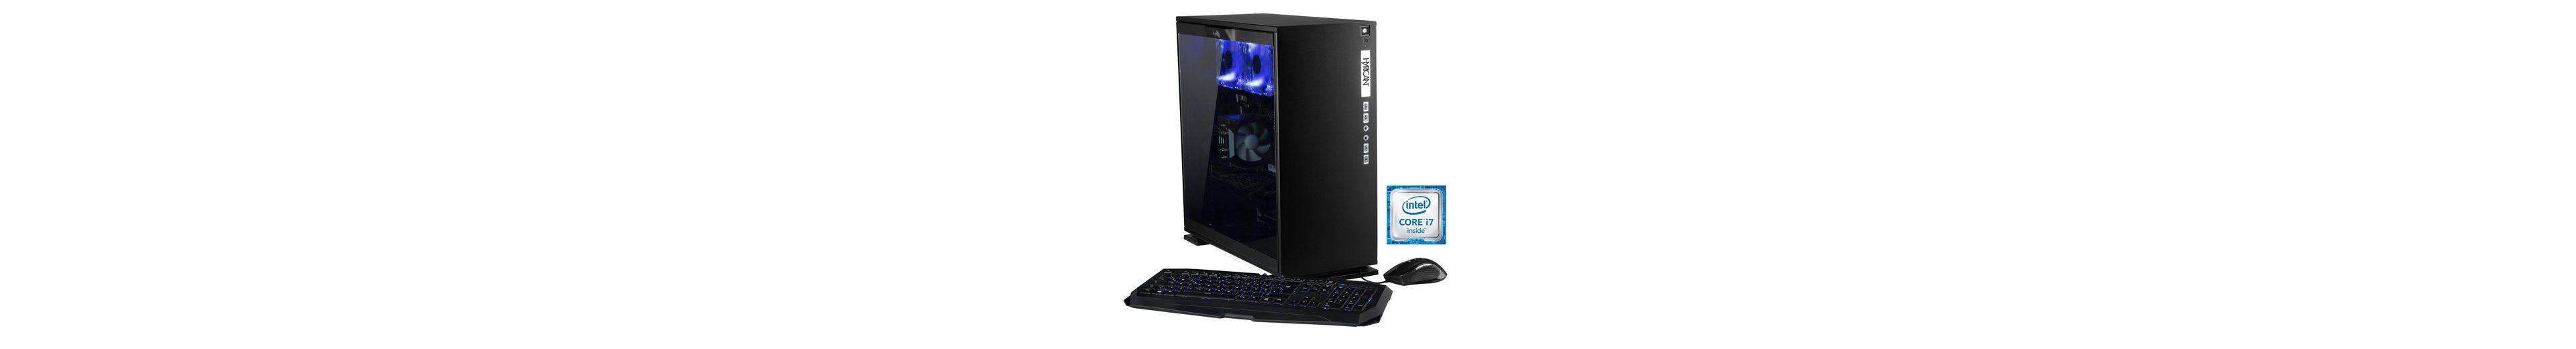 Hyrican Gaming PC Intel® i7-6700K, 32GB, 1TB, 500GB, GeForce GTX® 1080 »Elegance 5338 noir«